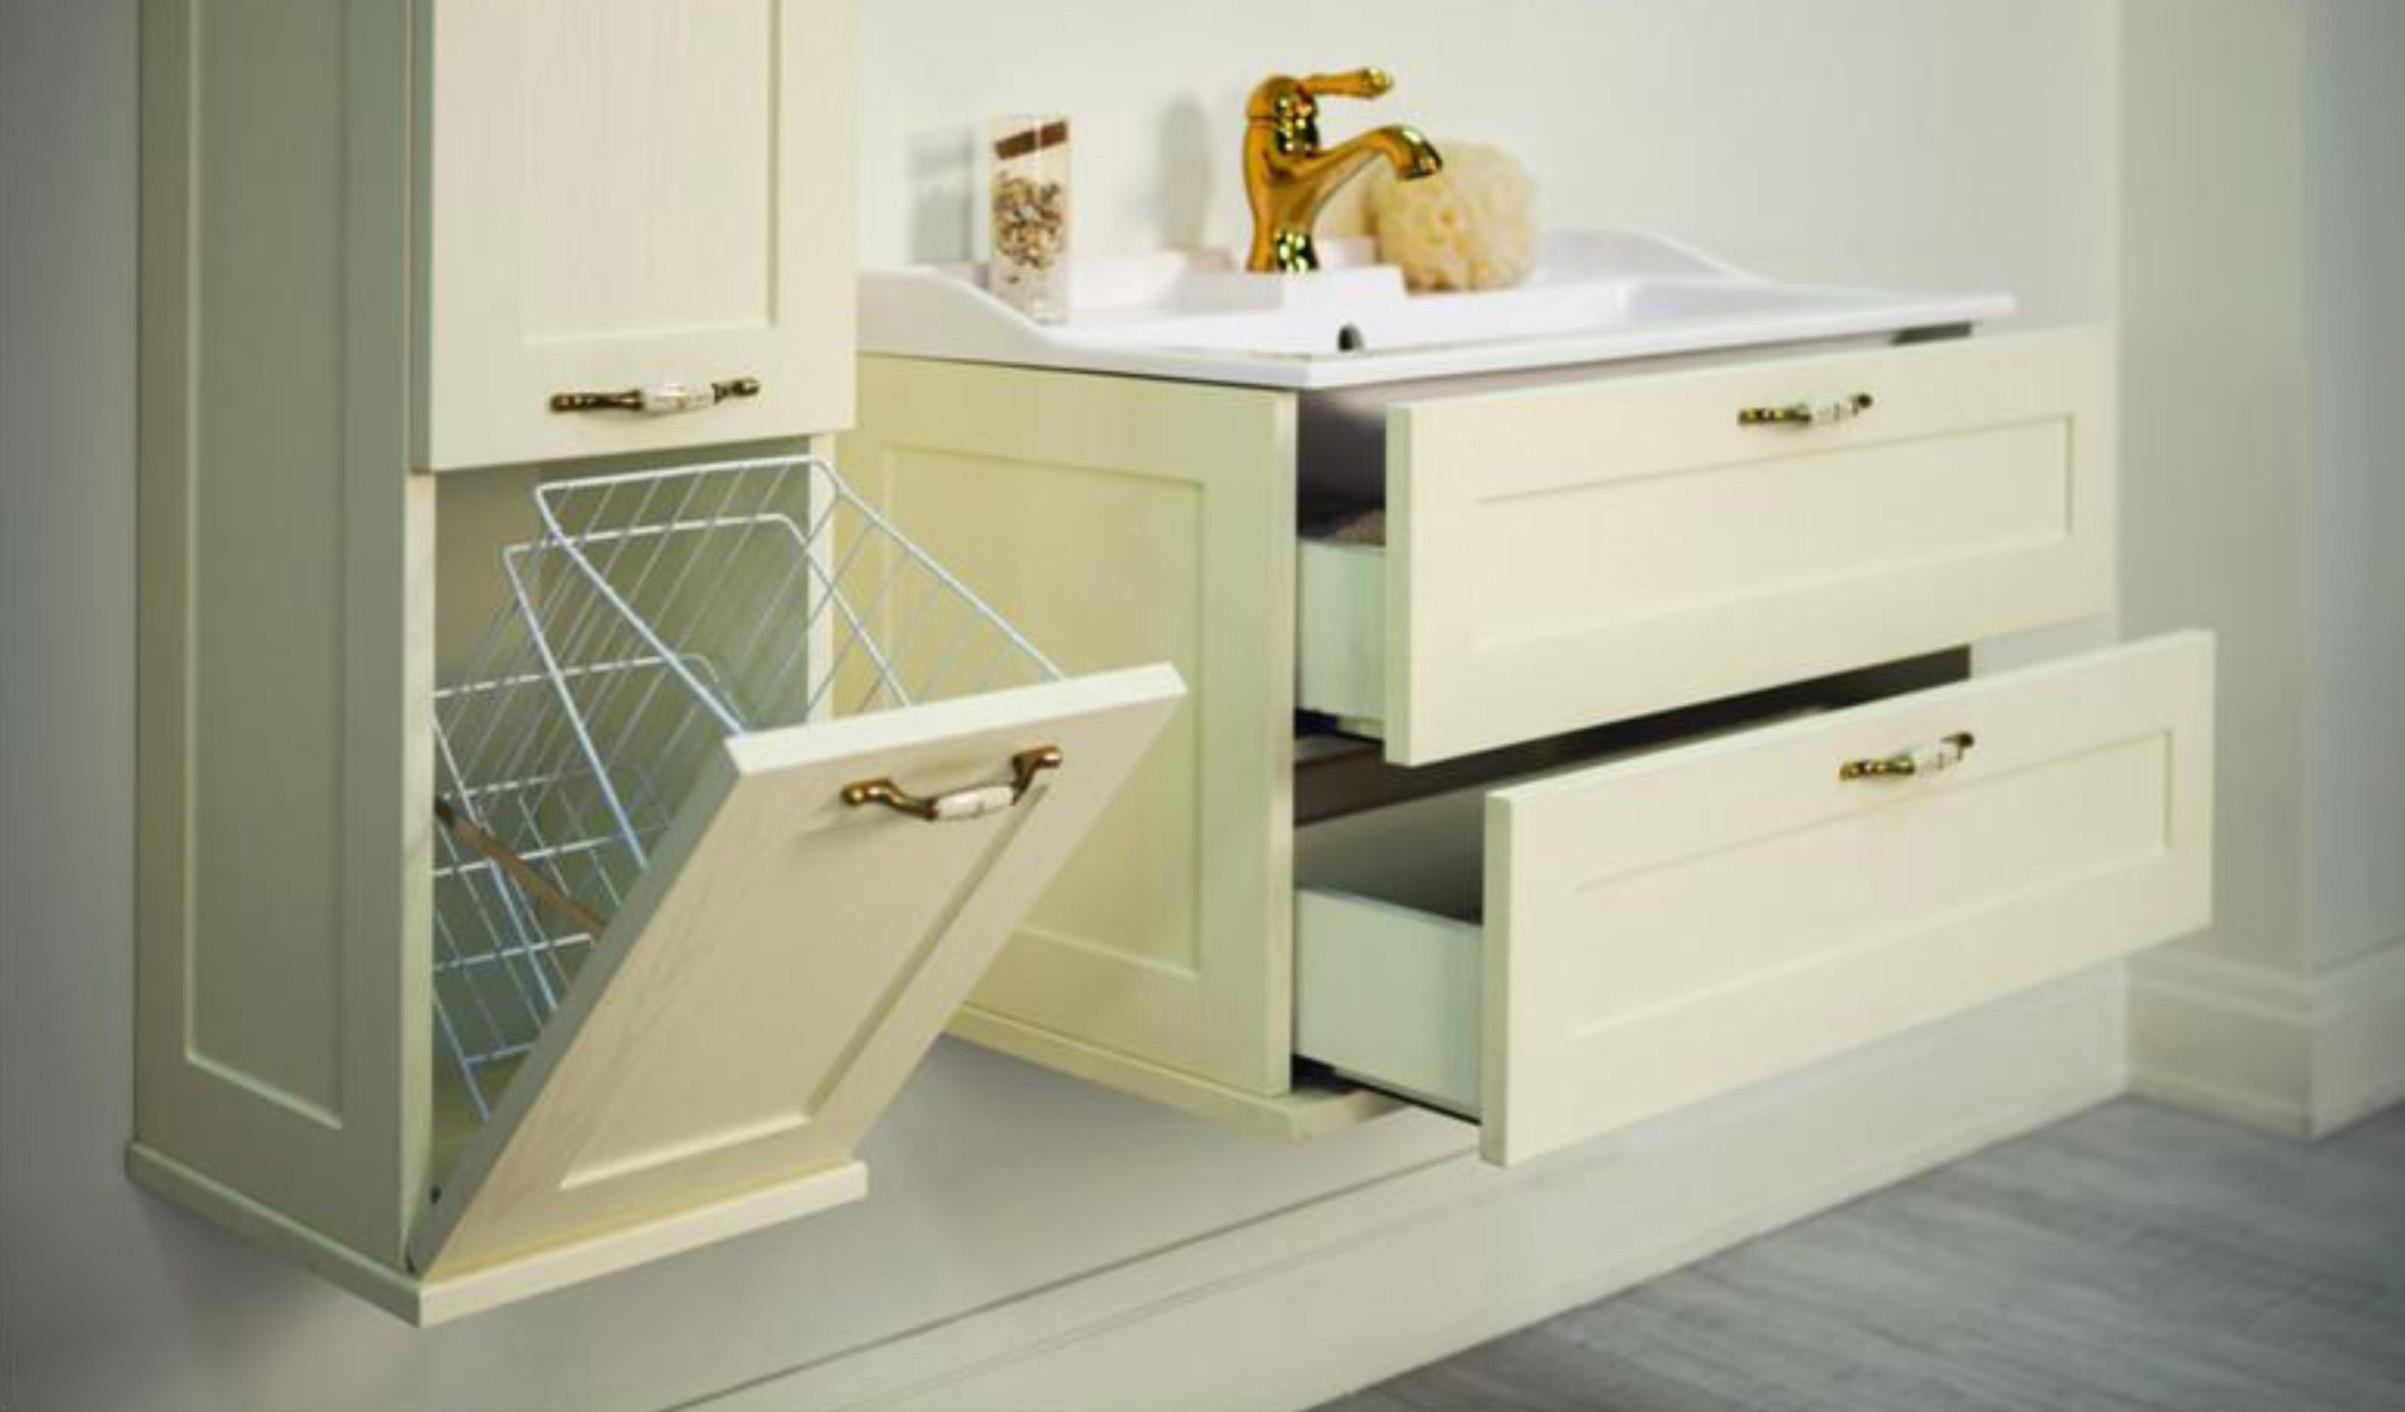 Цена на шкаф пенал для ванной леон подвесной (дуб белый) от .